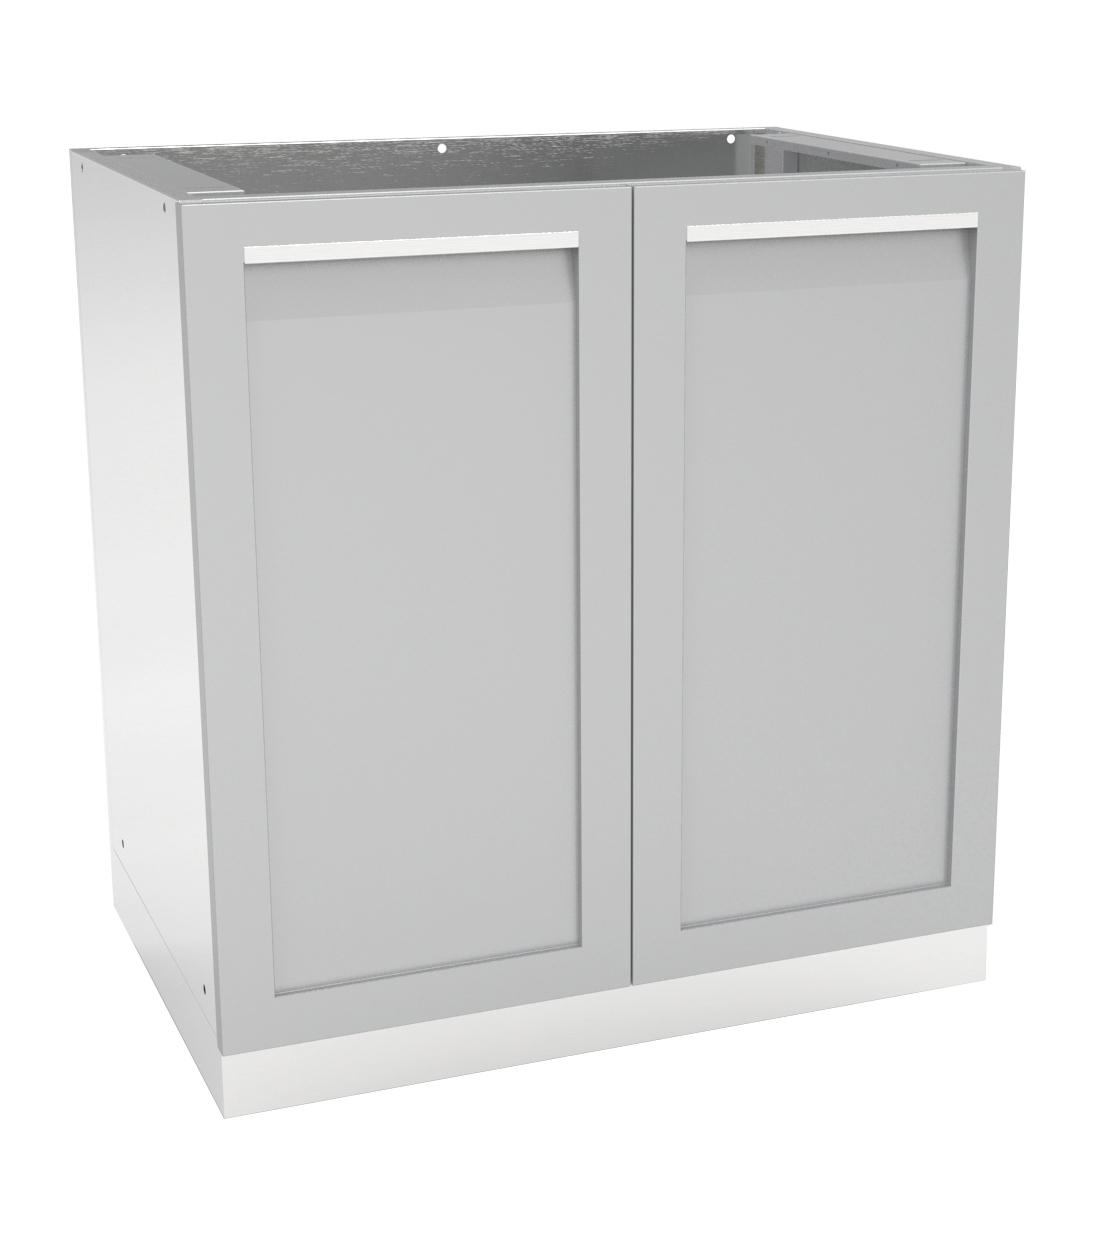 2 door outdoor kitchen cabinet g40001 4 life outdoor inc for Exterior kitchen doors